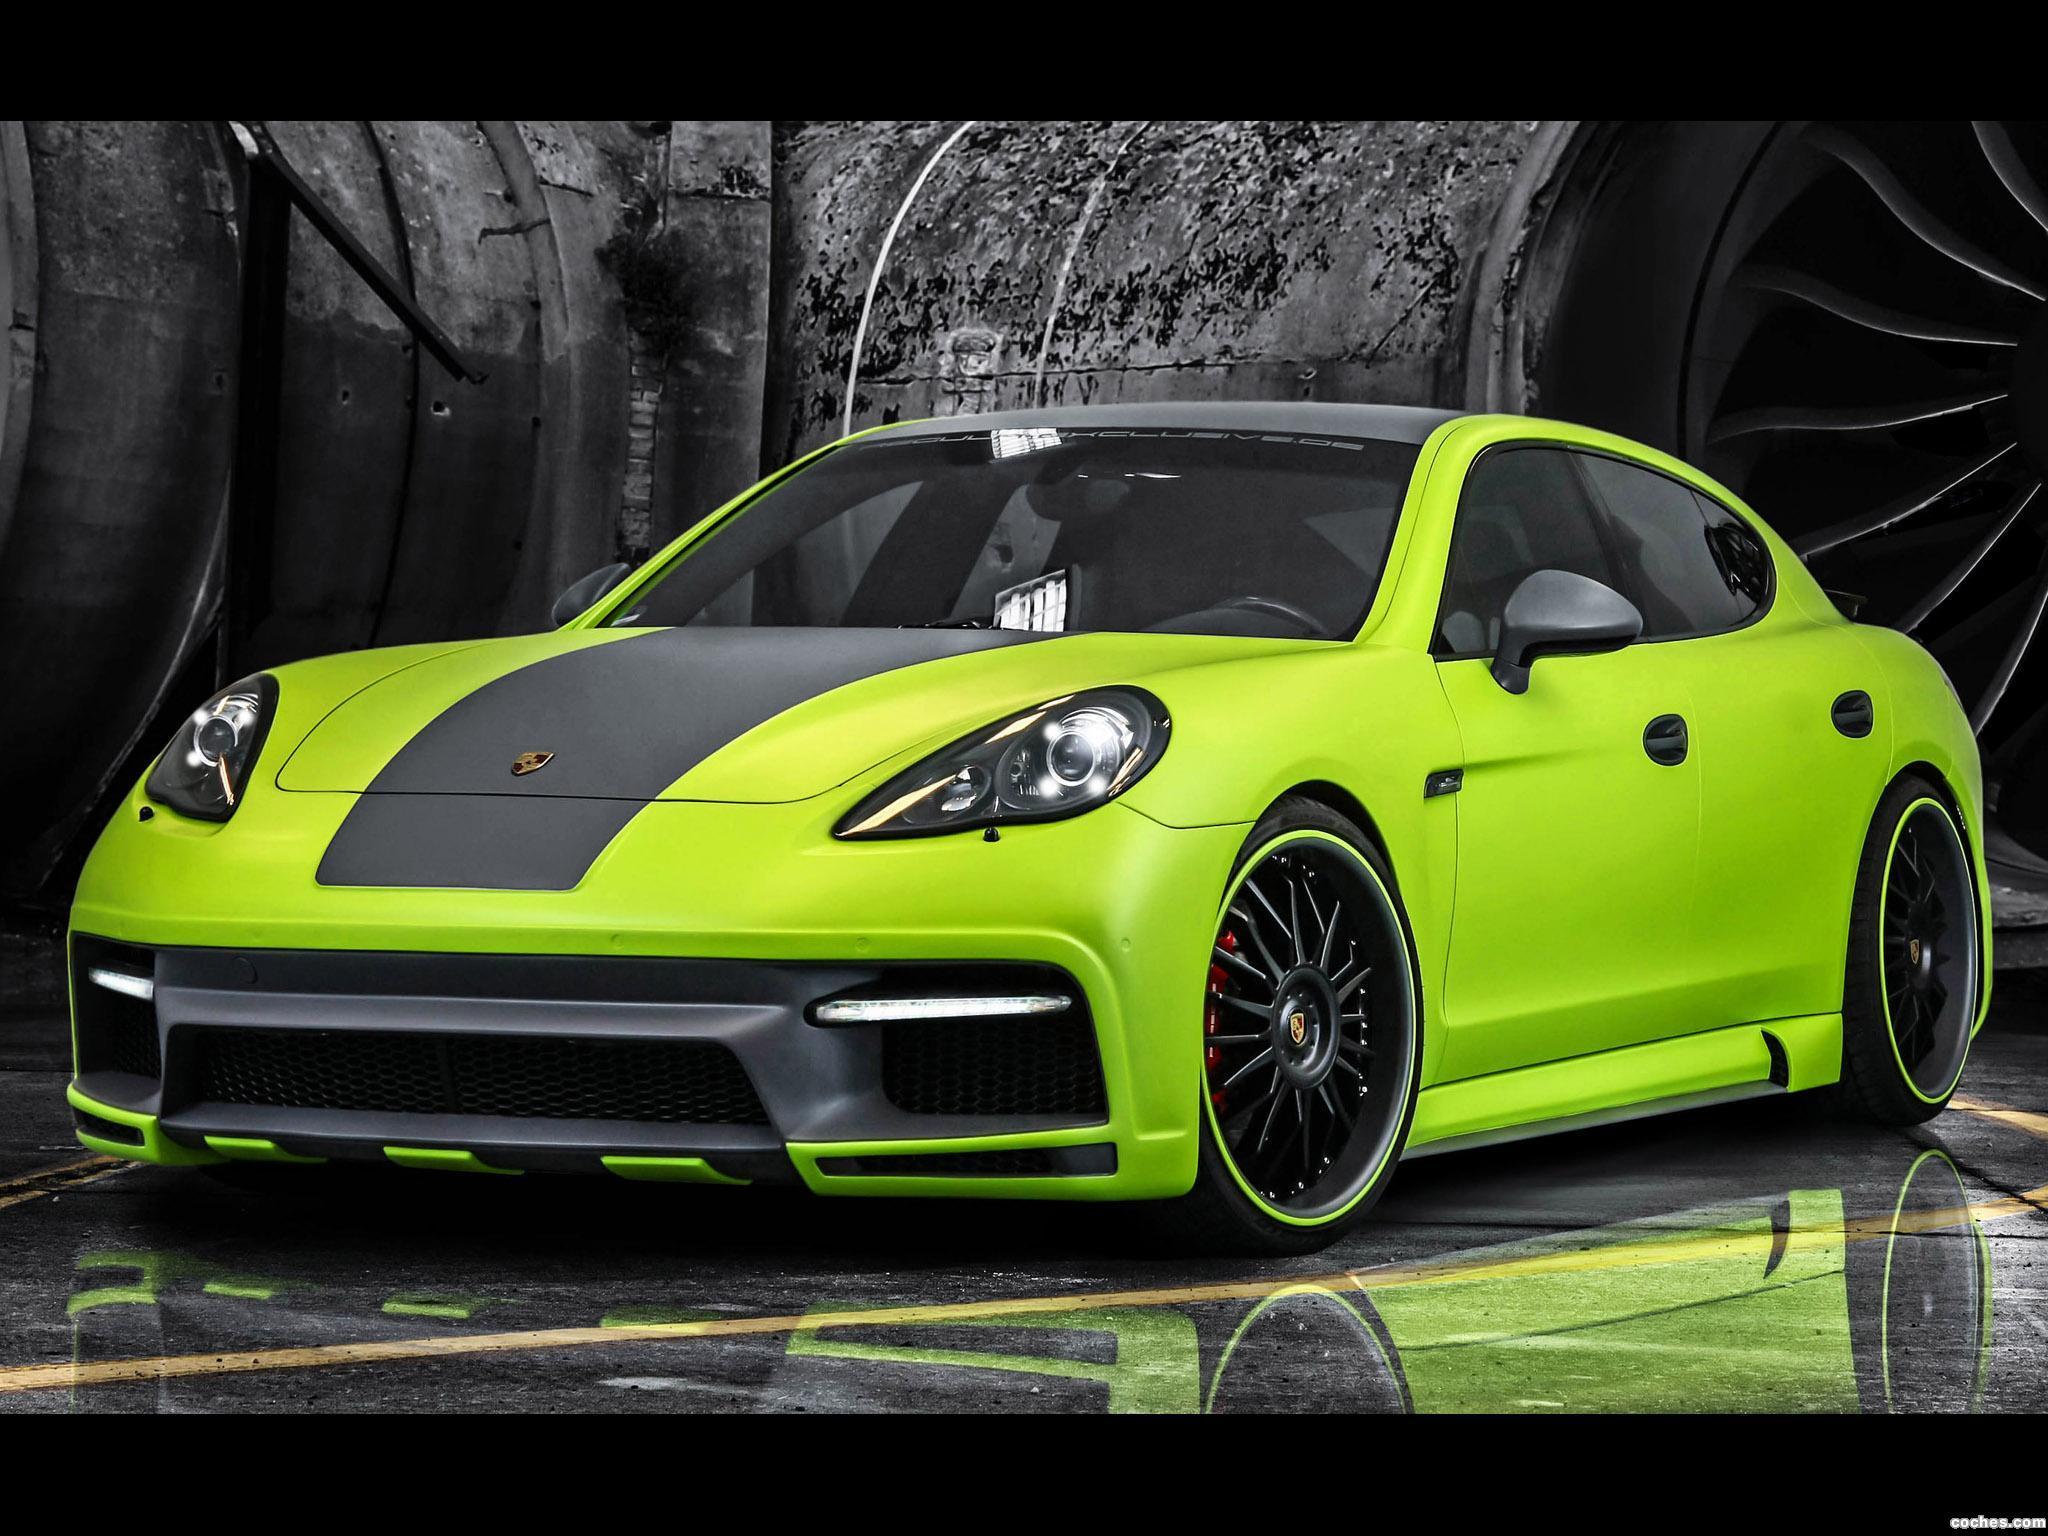 Foto 0 de Porsche Panamera Regula Exclusive 2013